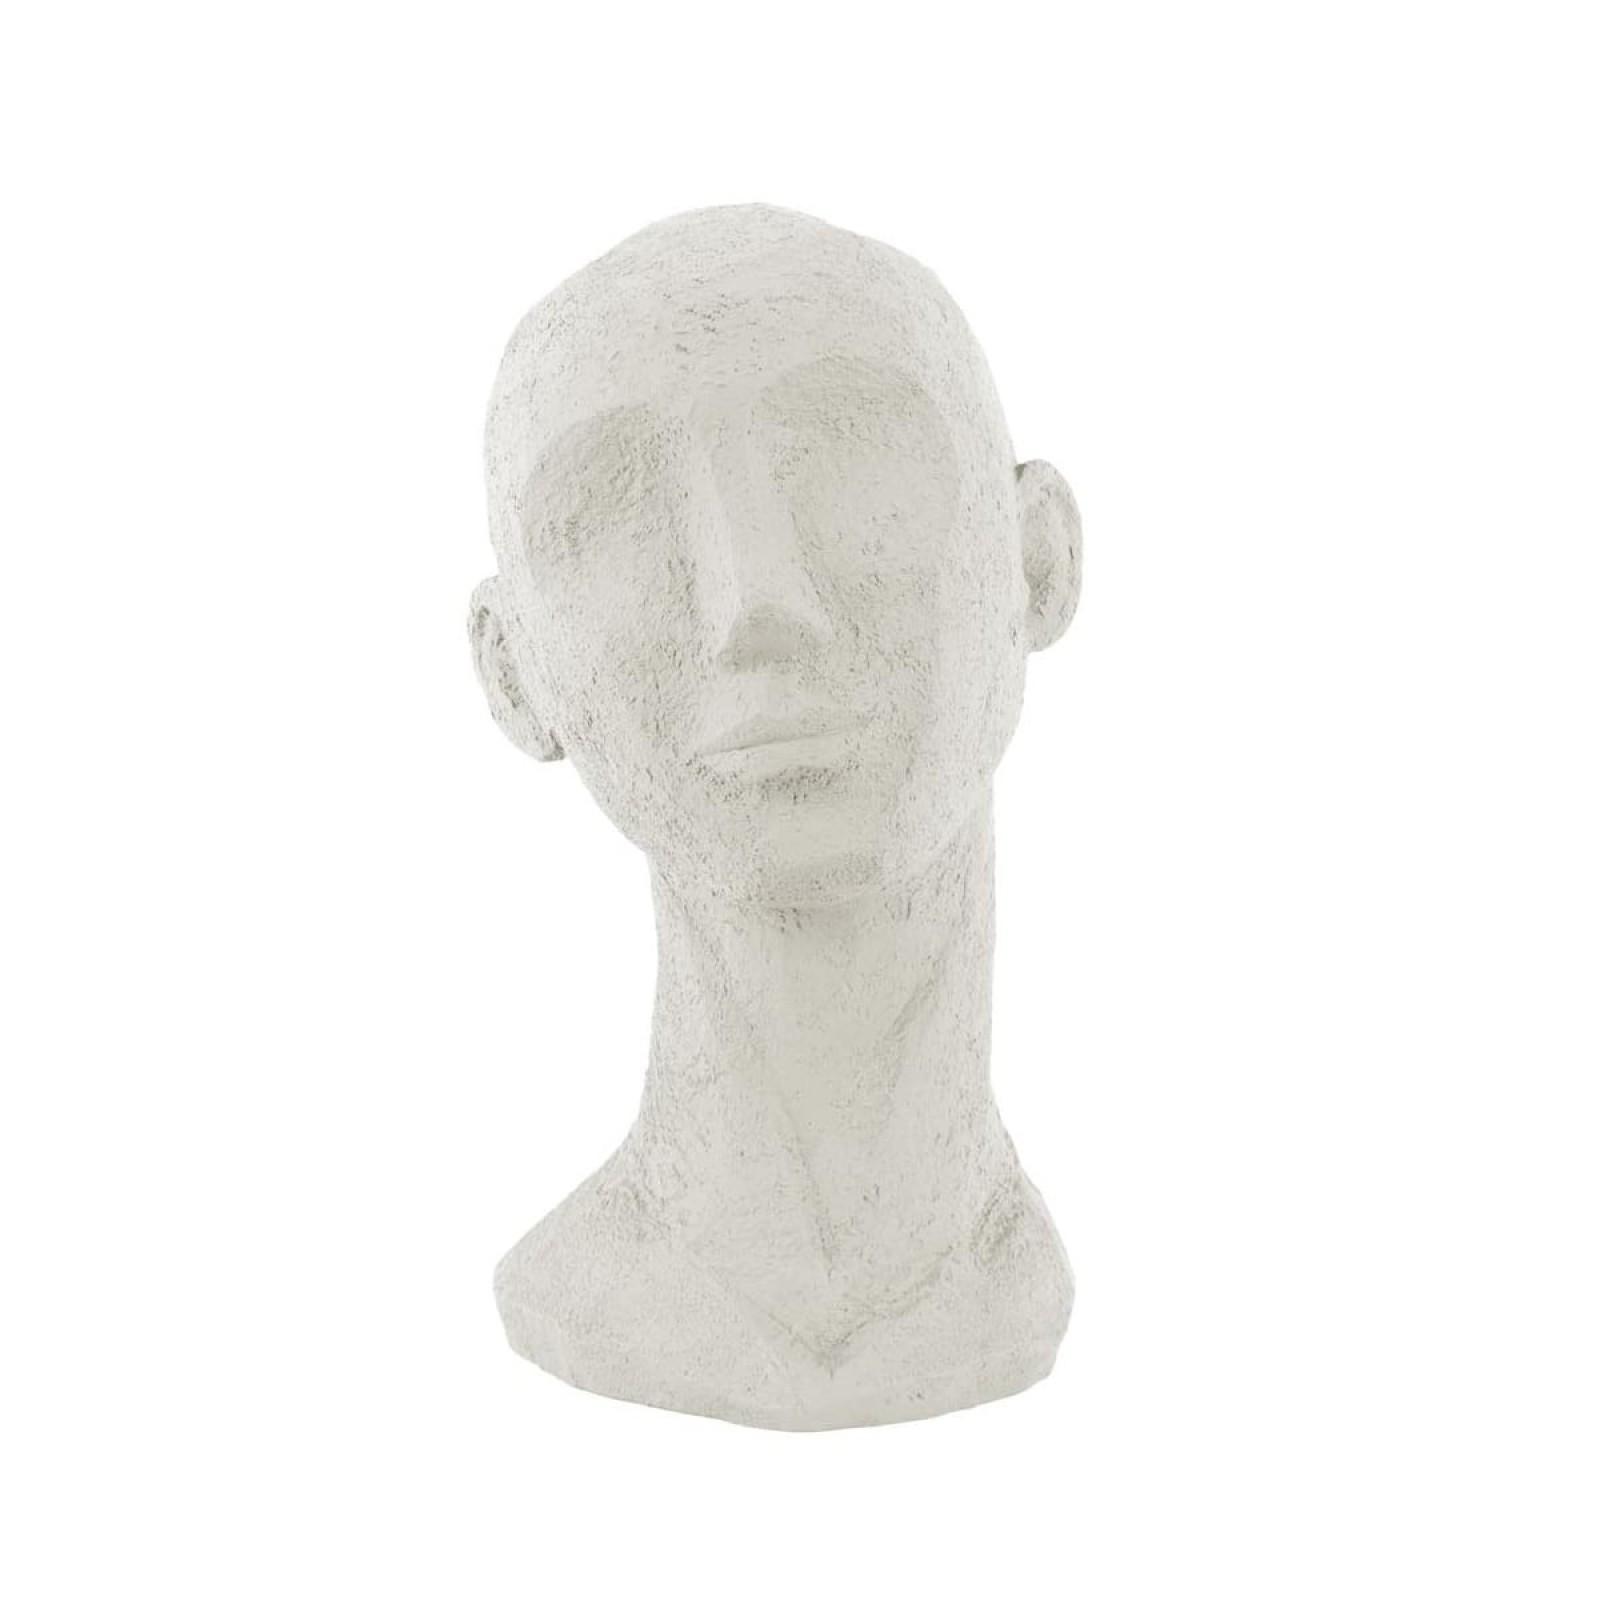 Διακοσμητικό Αγαλματίδιο Face Art Up Large (Ιβουάρ) - Present Time